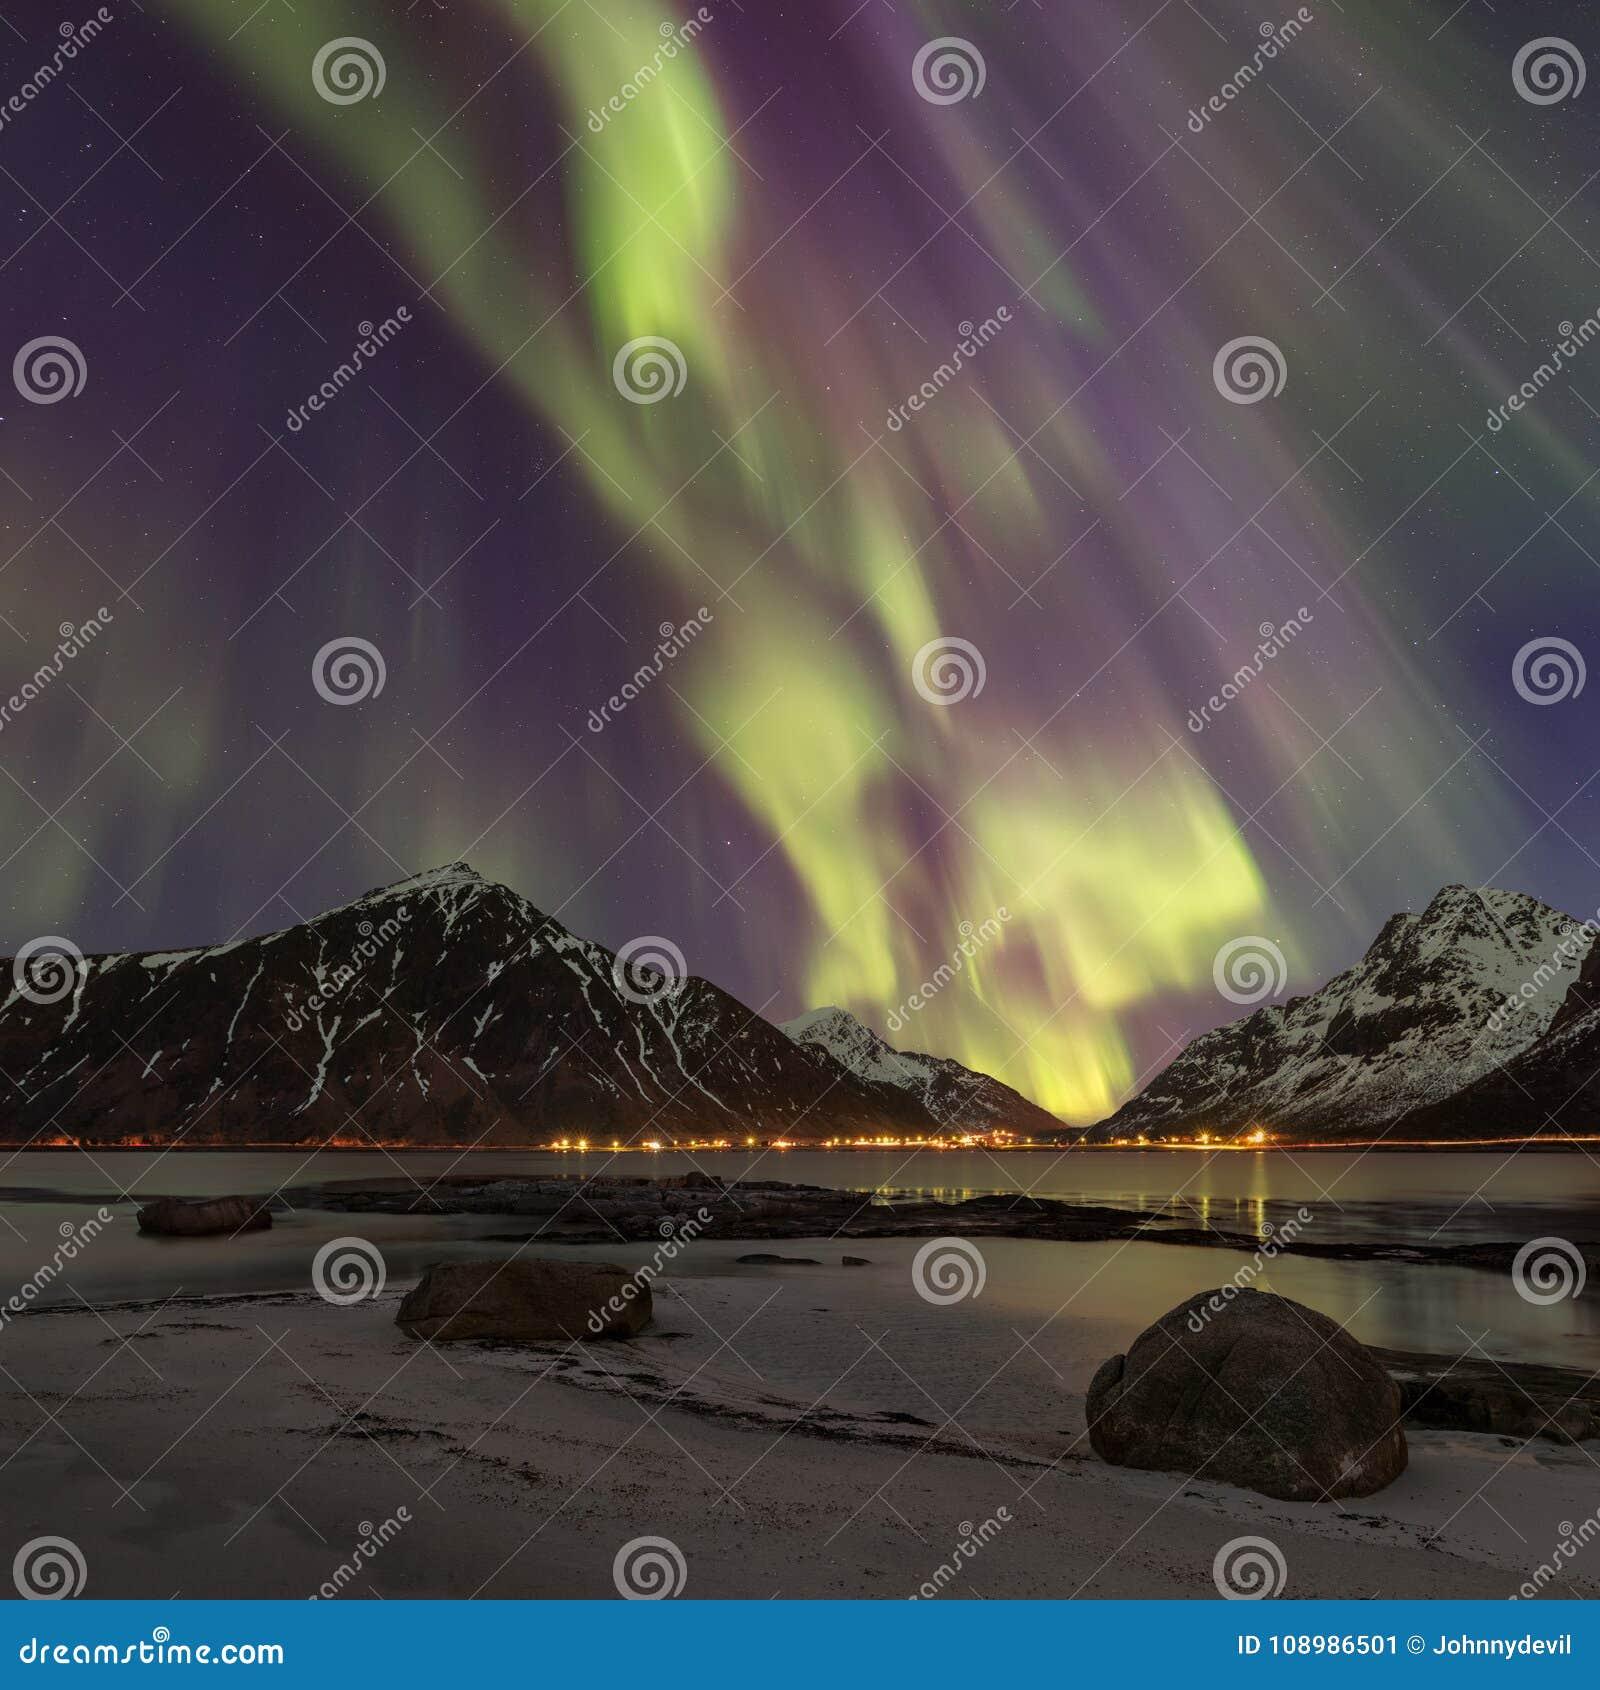 Square photo of Aurora Borealis, Lofoten, Norway.